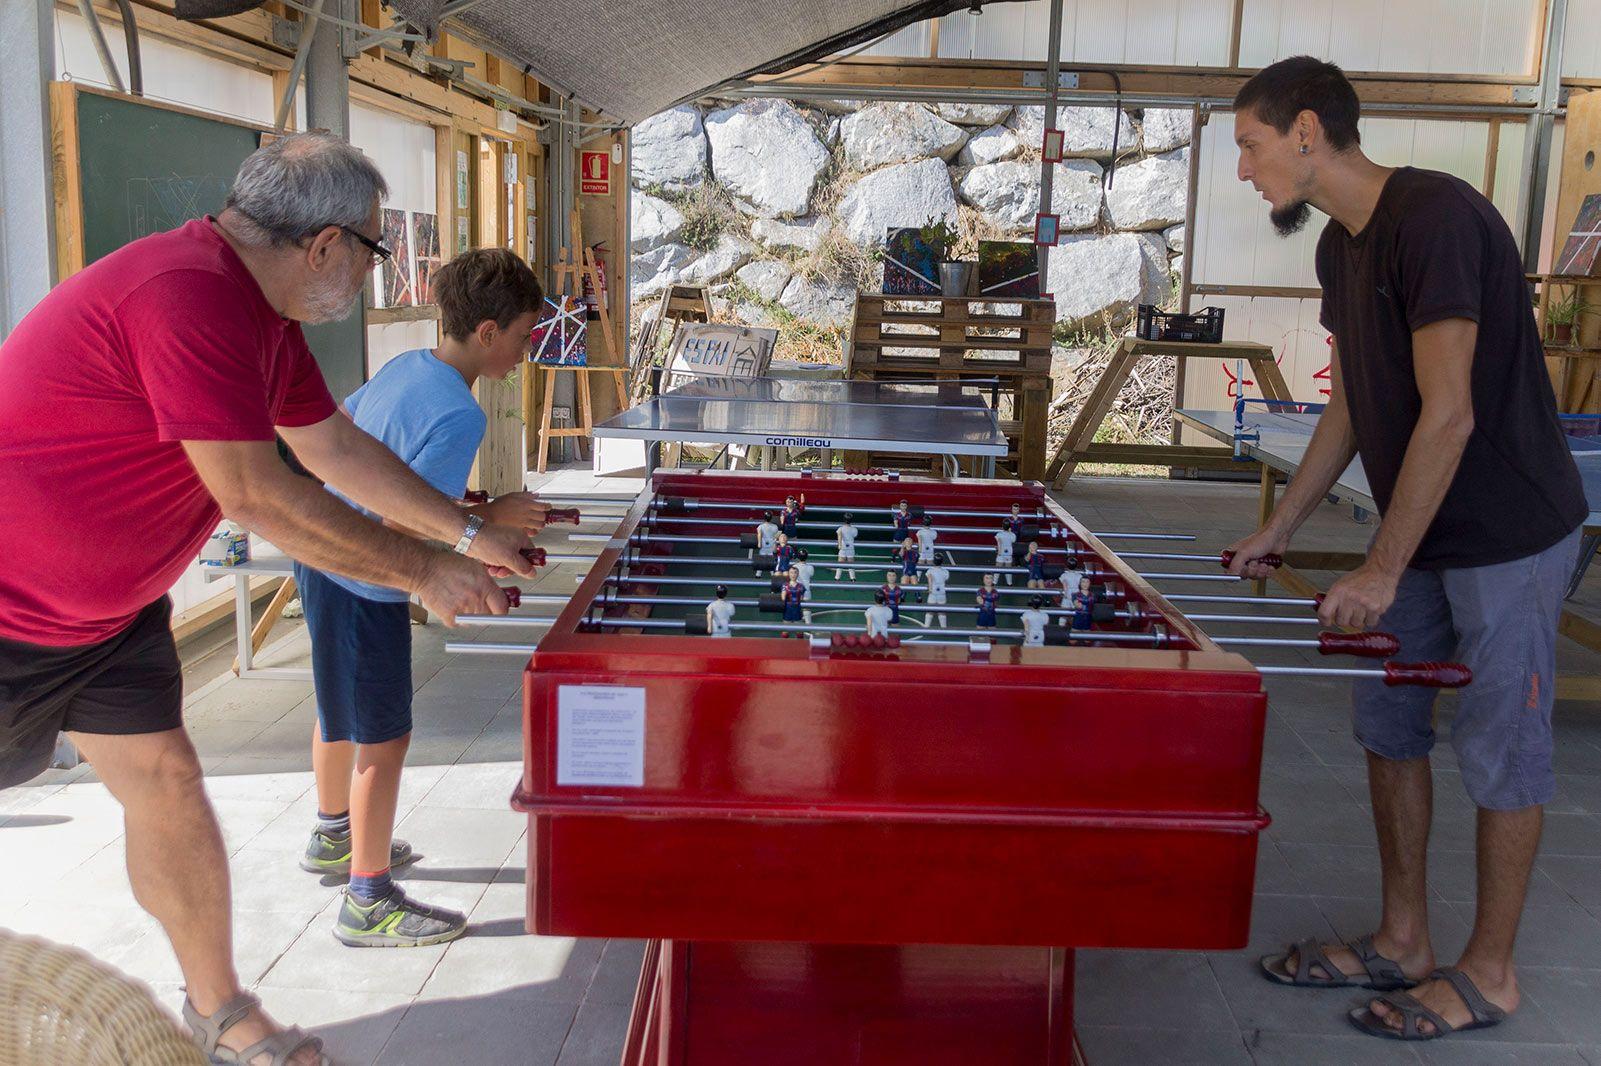 Ping-Pong i Futbolín a l'Espai Eco. FOTO: Paula Galván